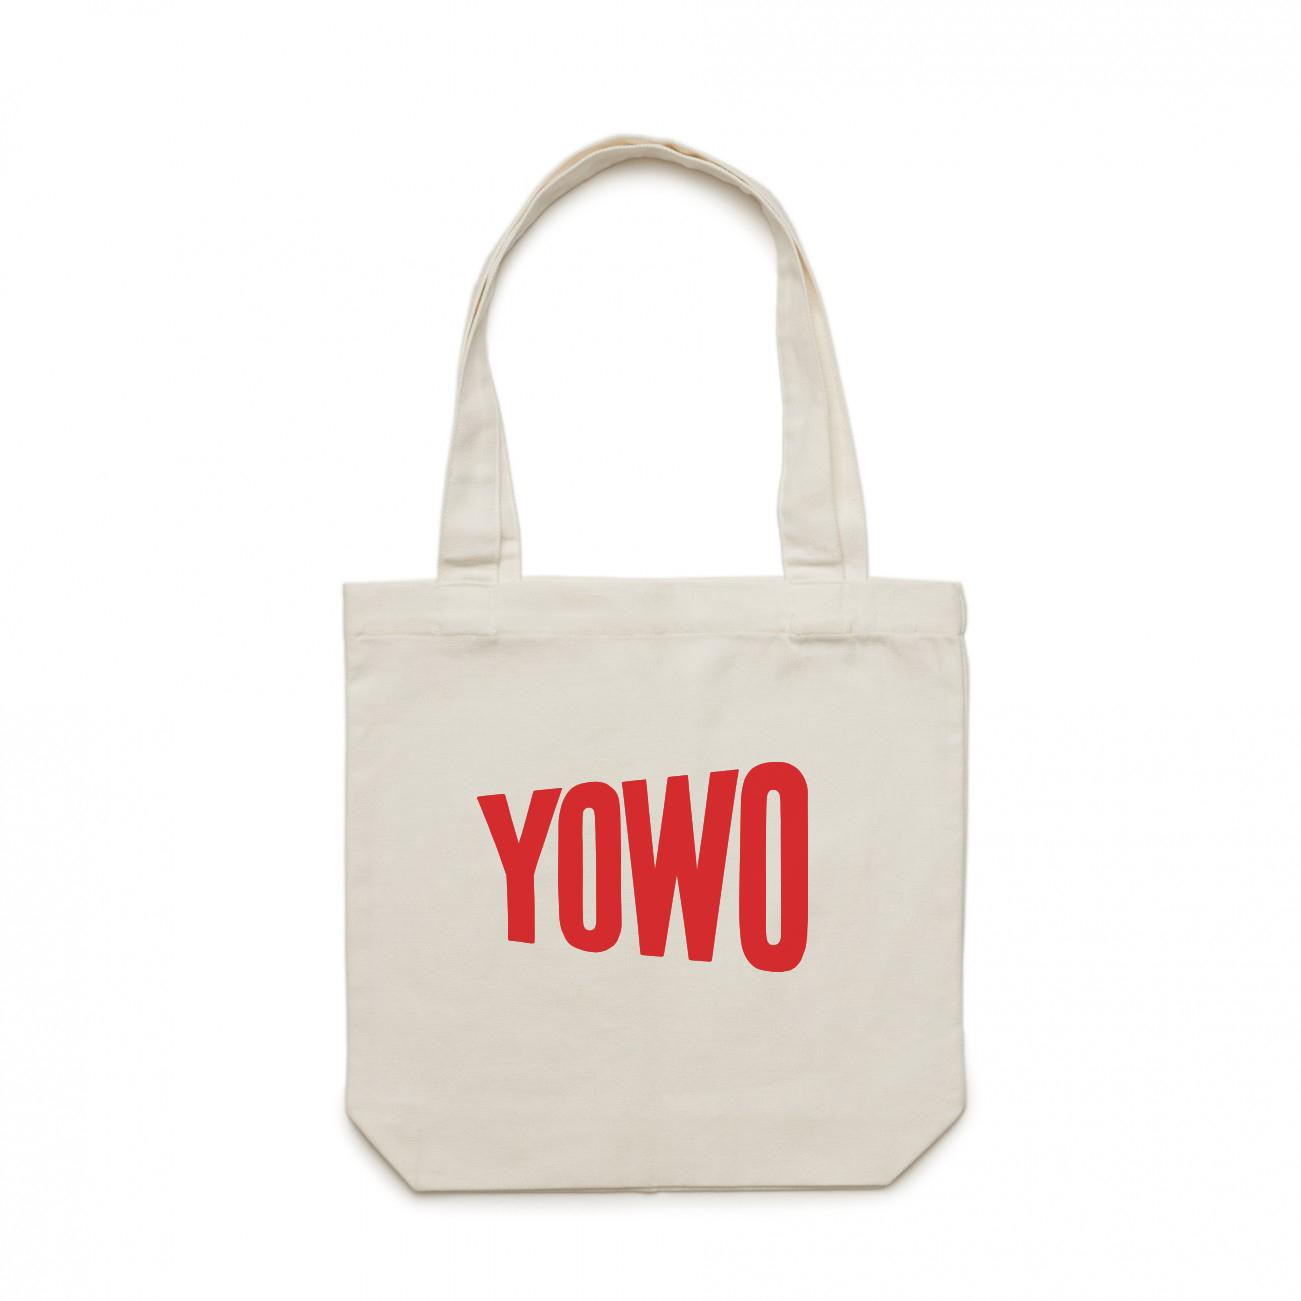 BUY YoWo Tote - $20